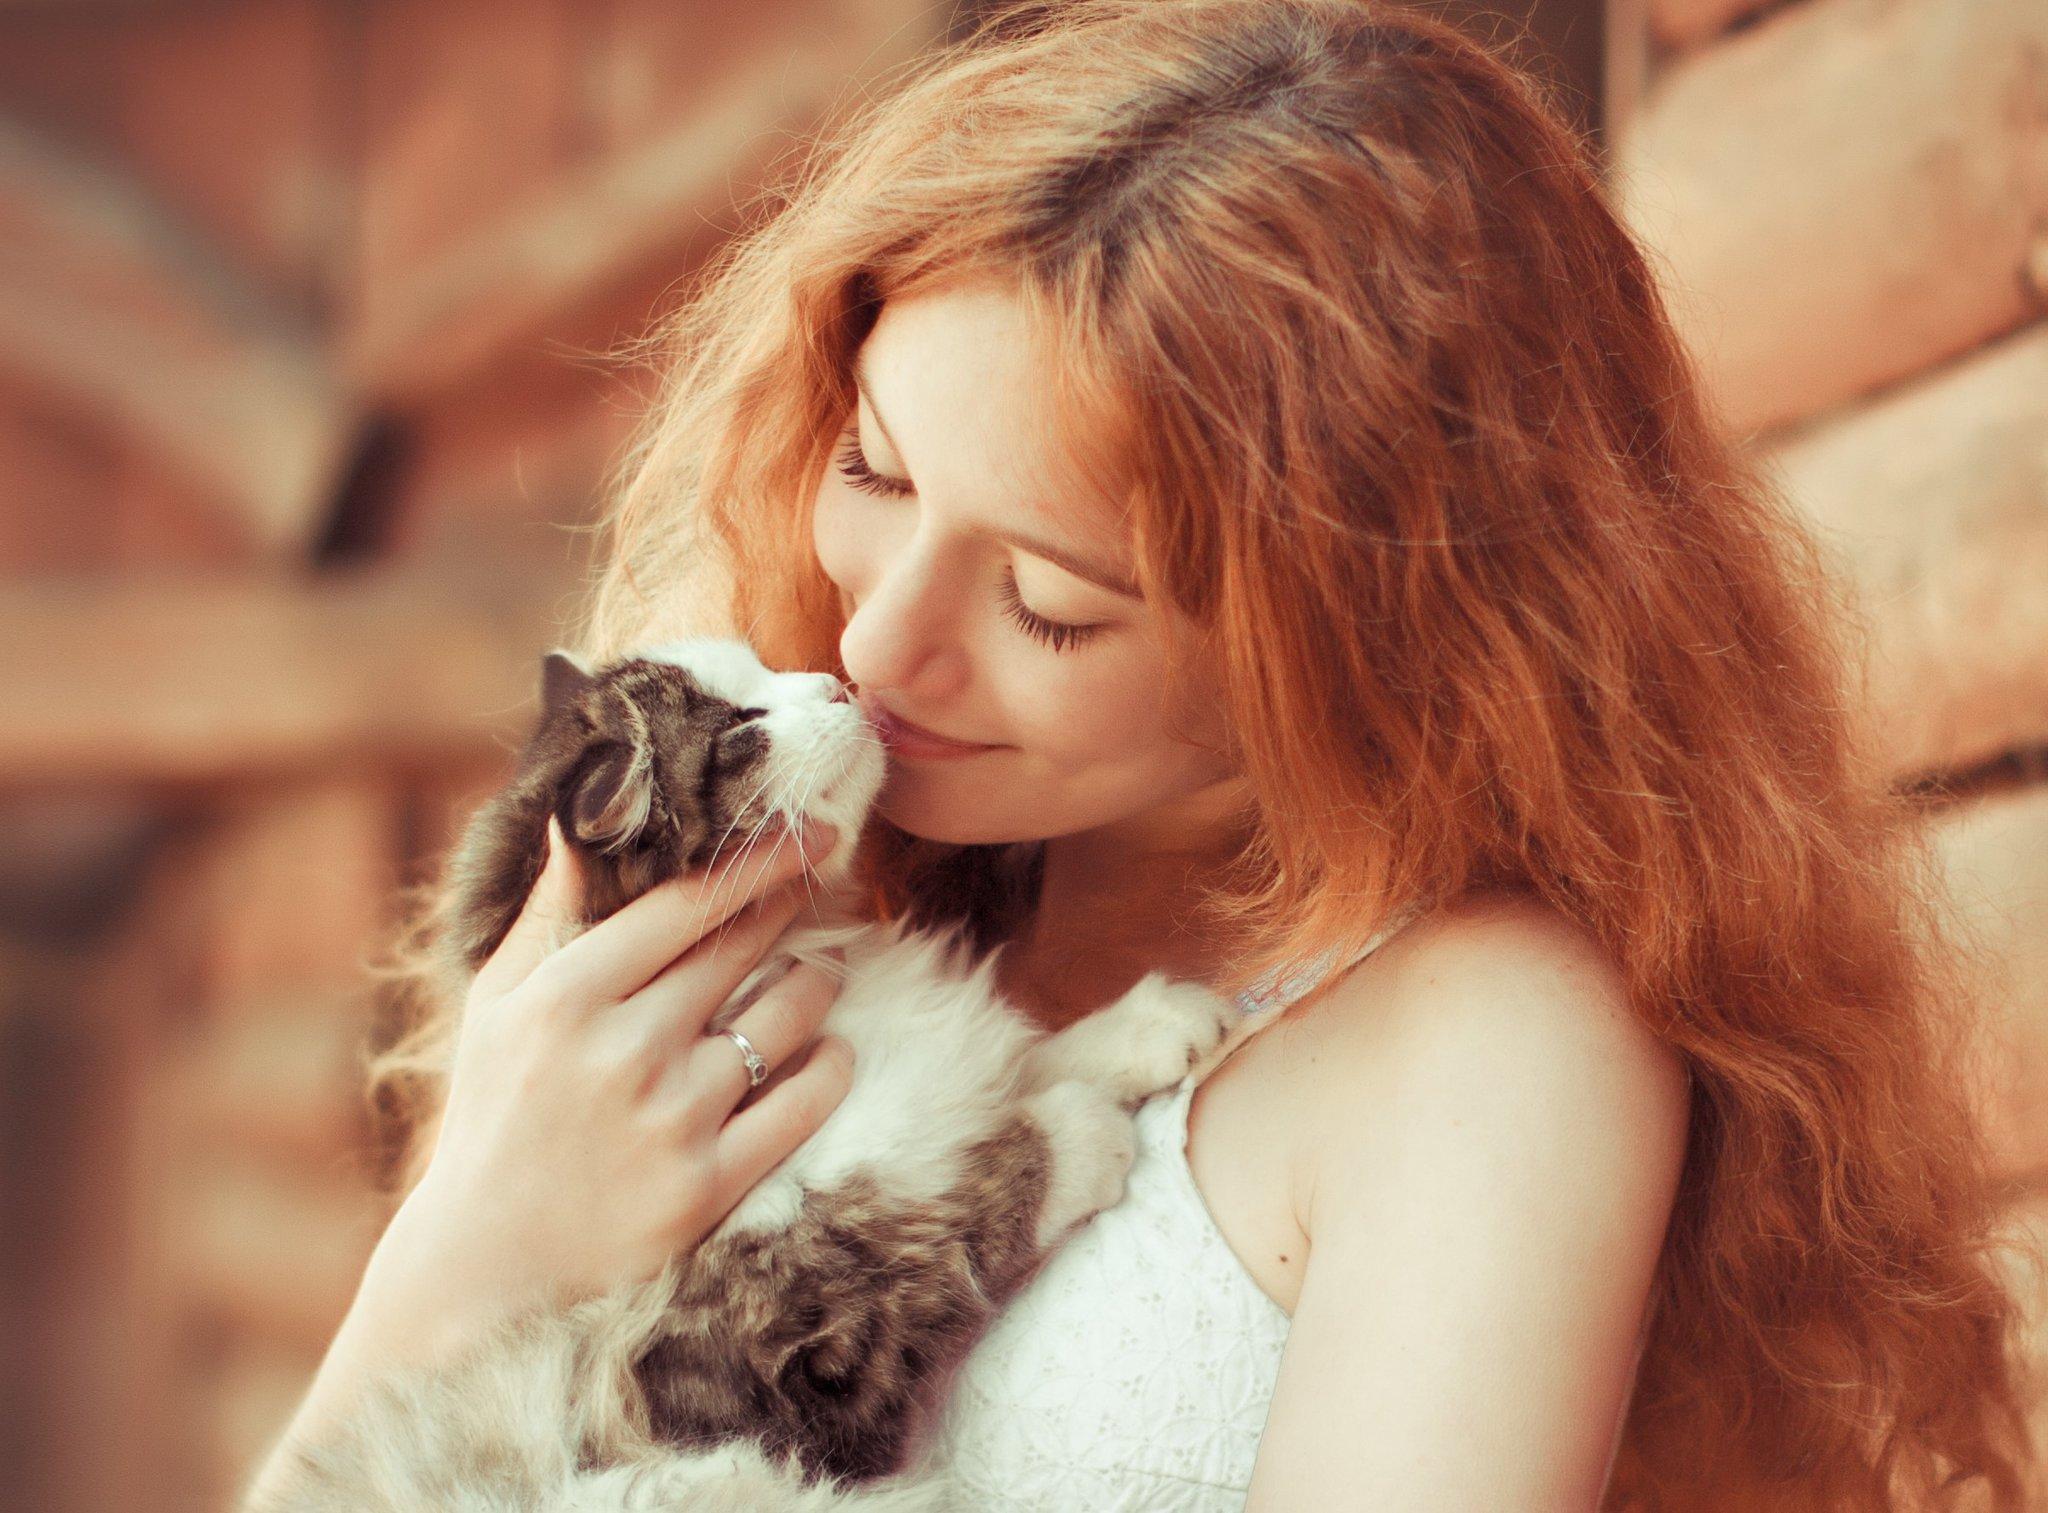 Красивые картинки девушек с котами